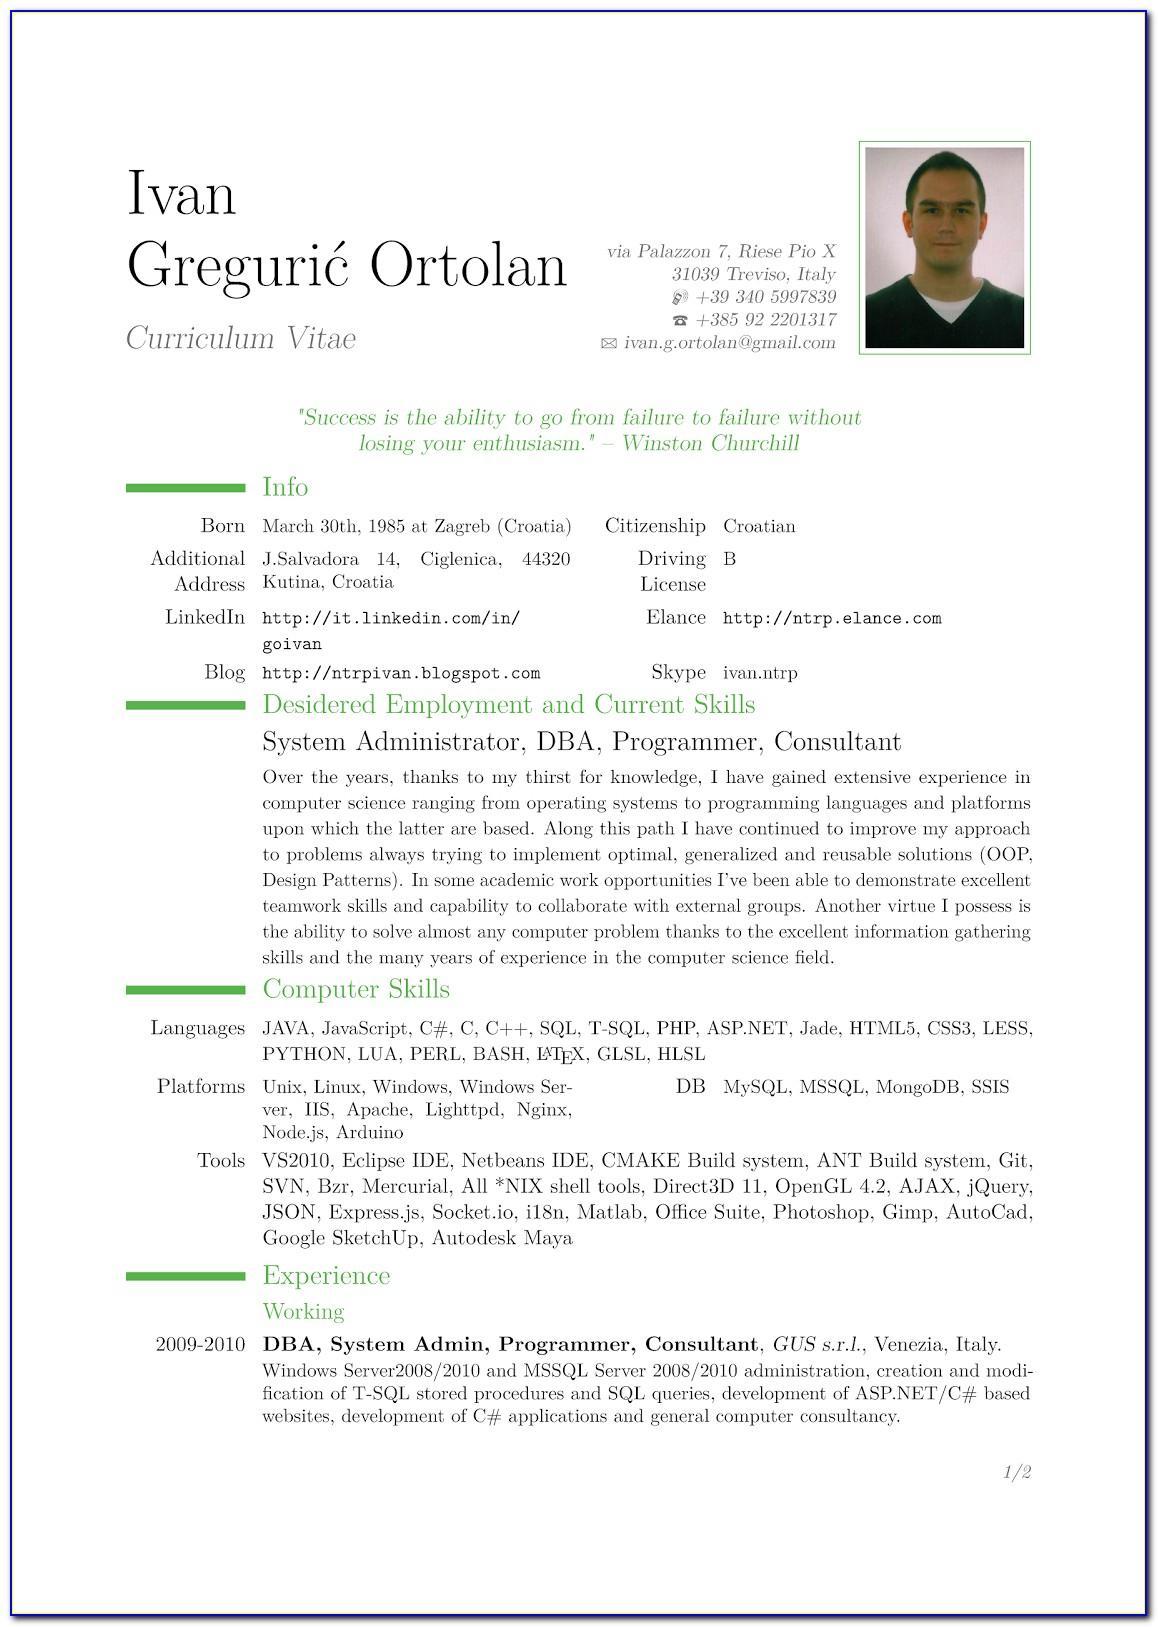 Templates Curriculum Vitae Indesign